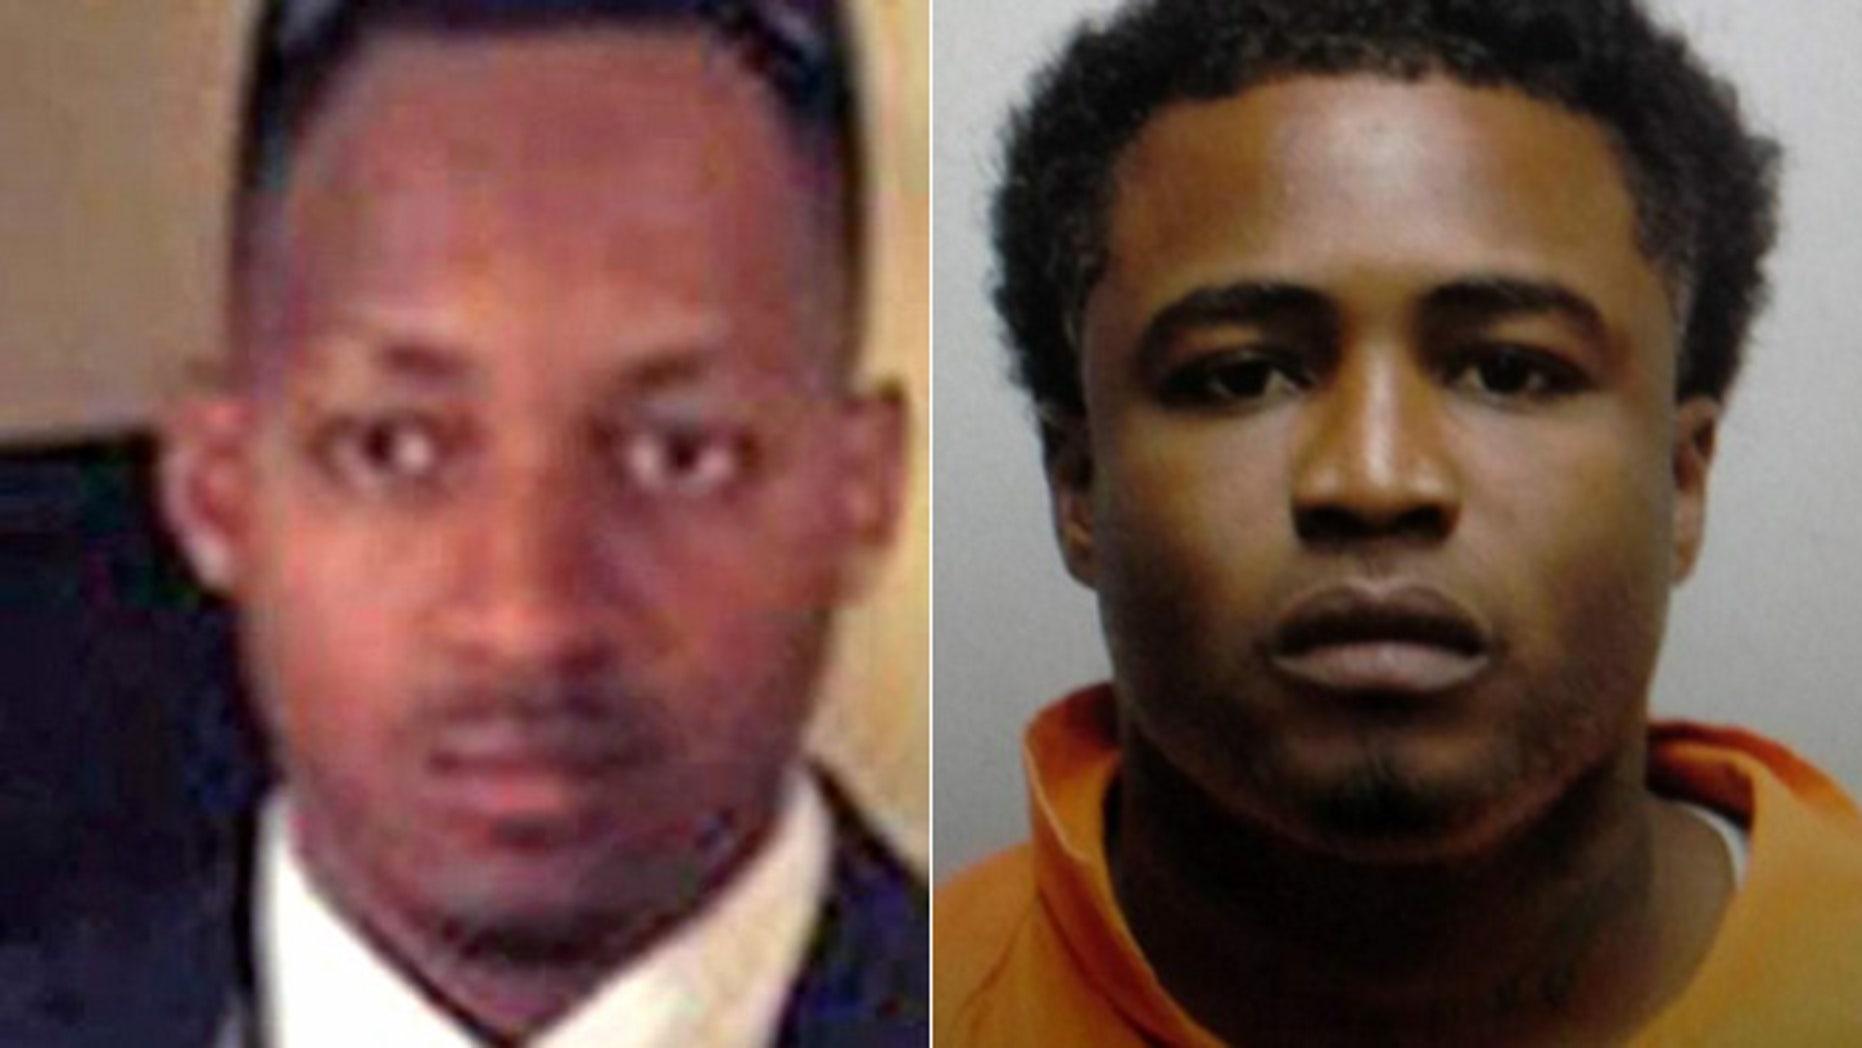 Deputy US Marshal, fugitive killed in Louisiana shootout